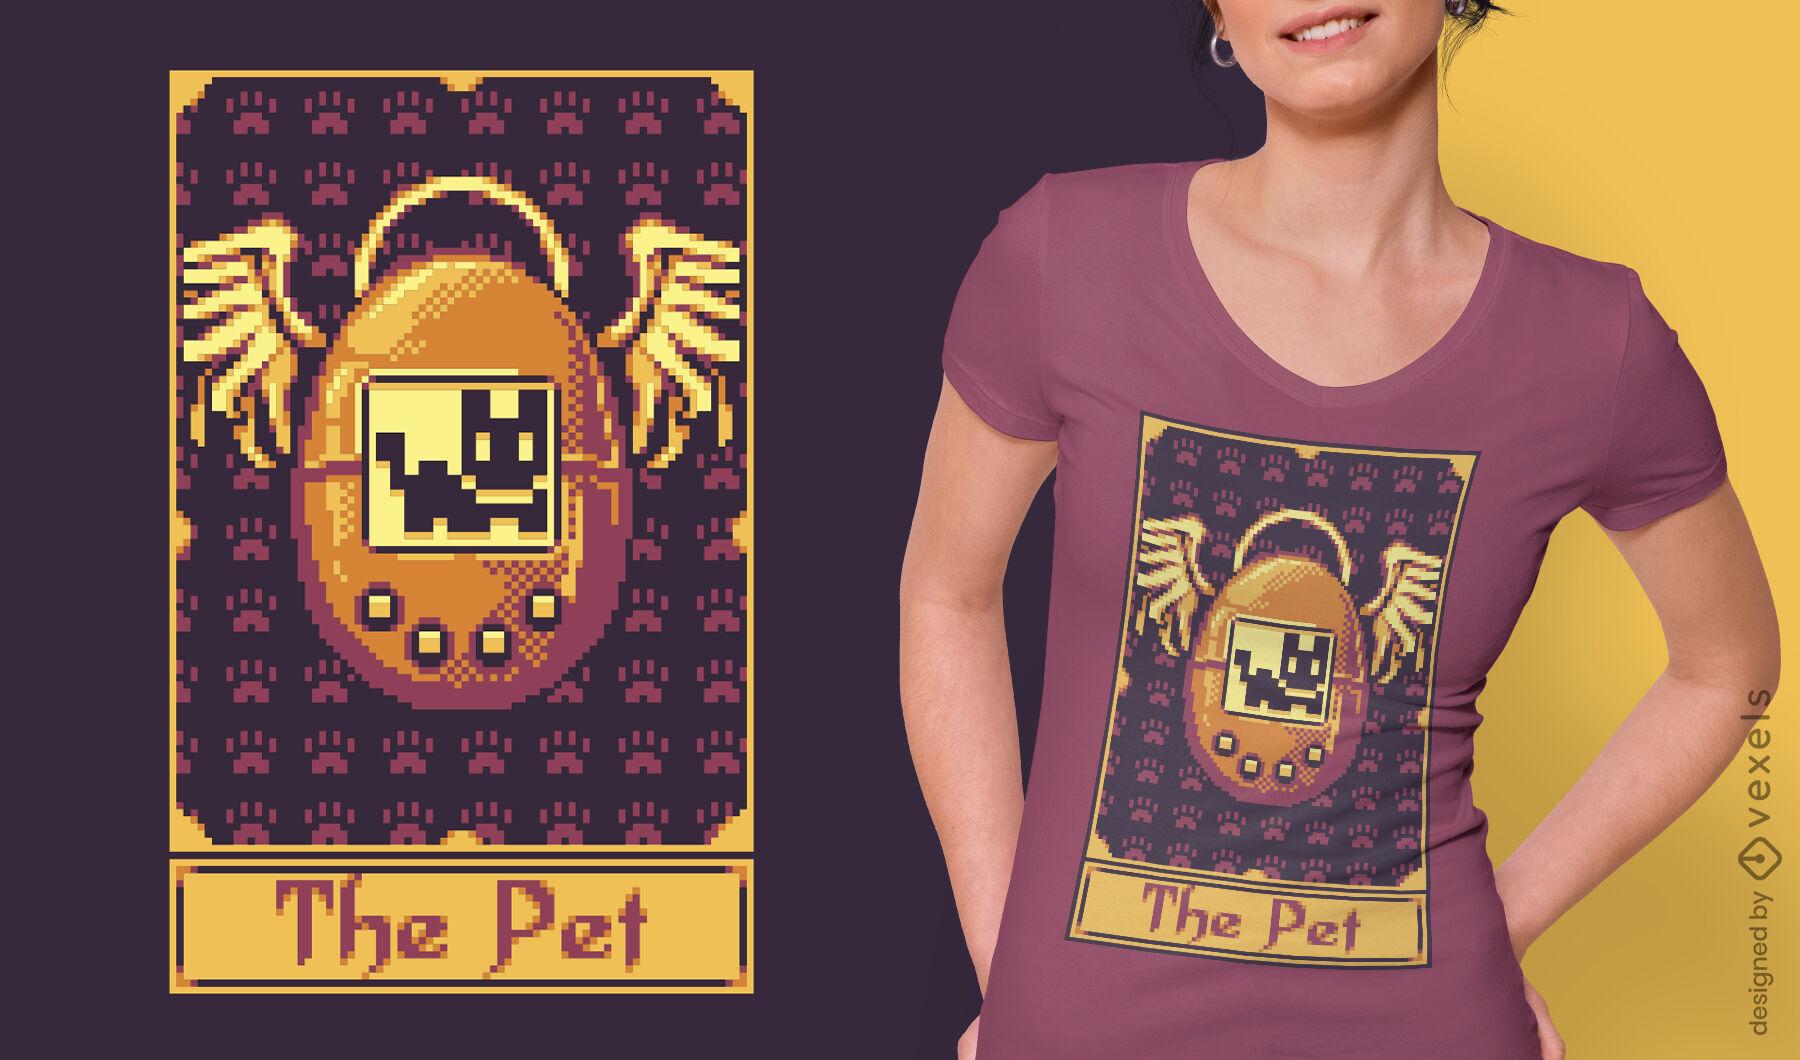 Pixel tarot card retro game t-shirt design